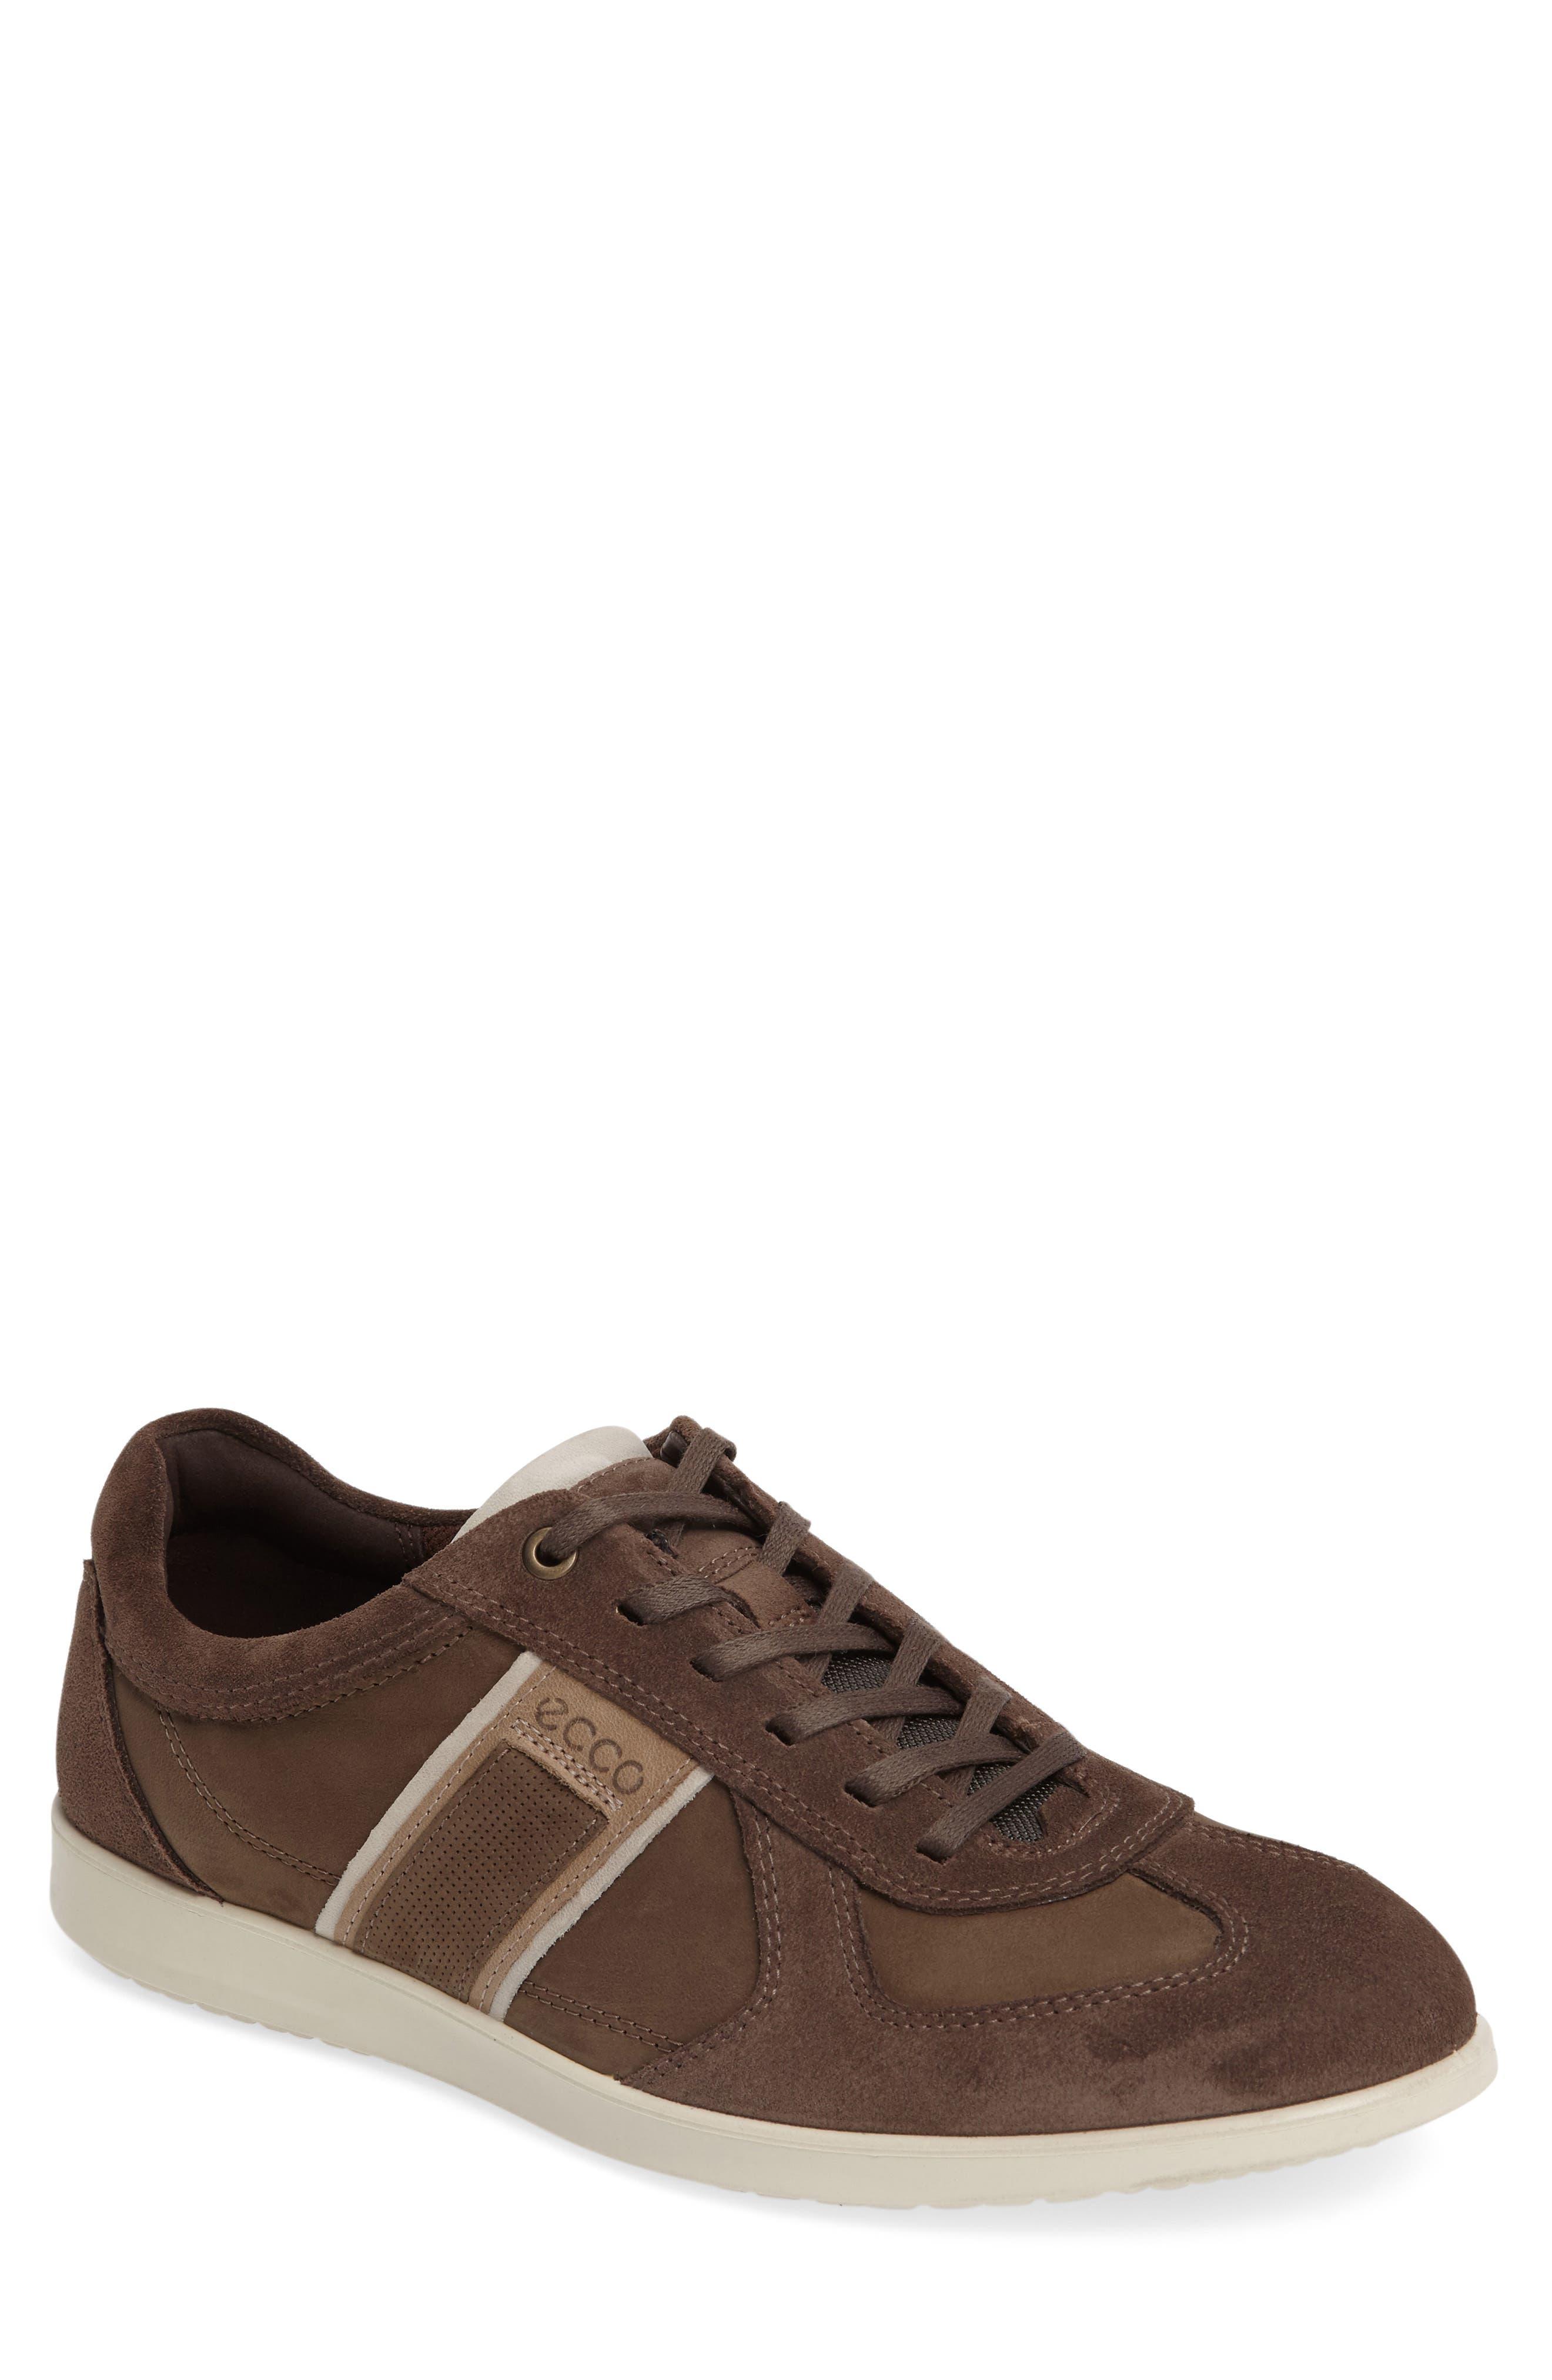 ECCO Indianapolis Sneaker (Men)